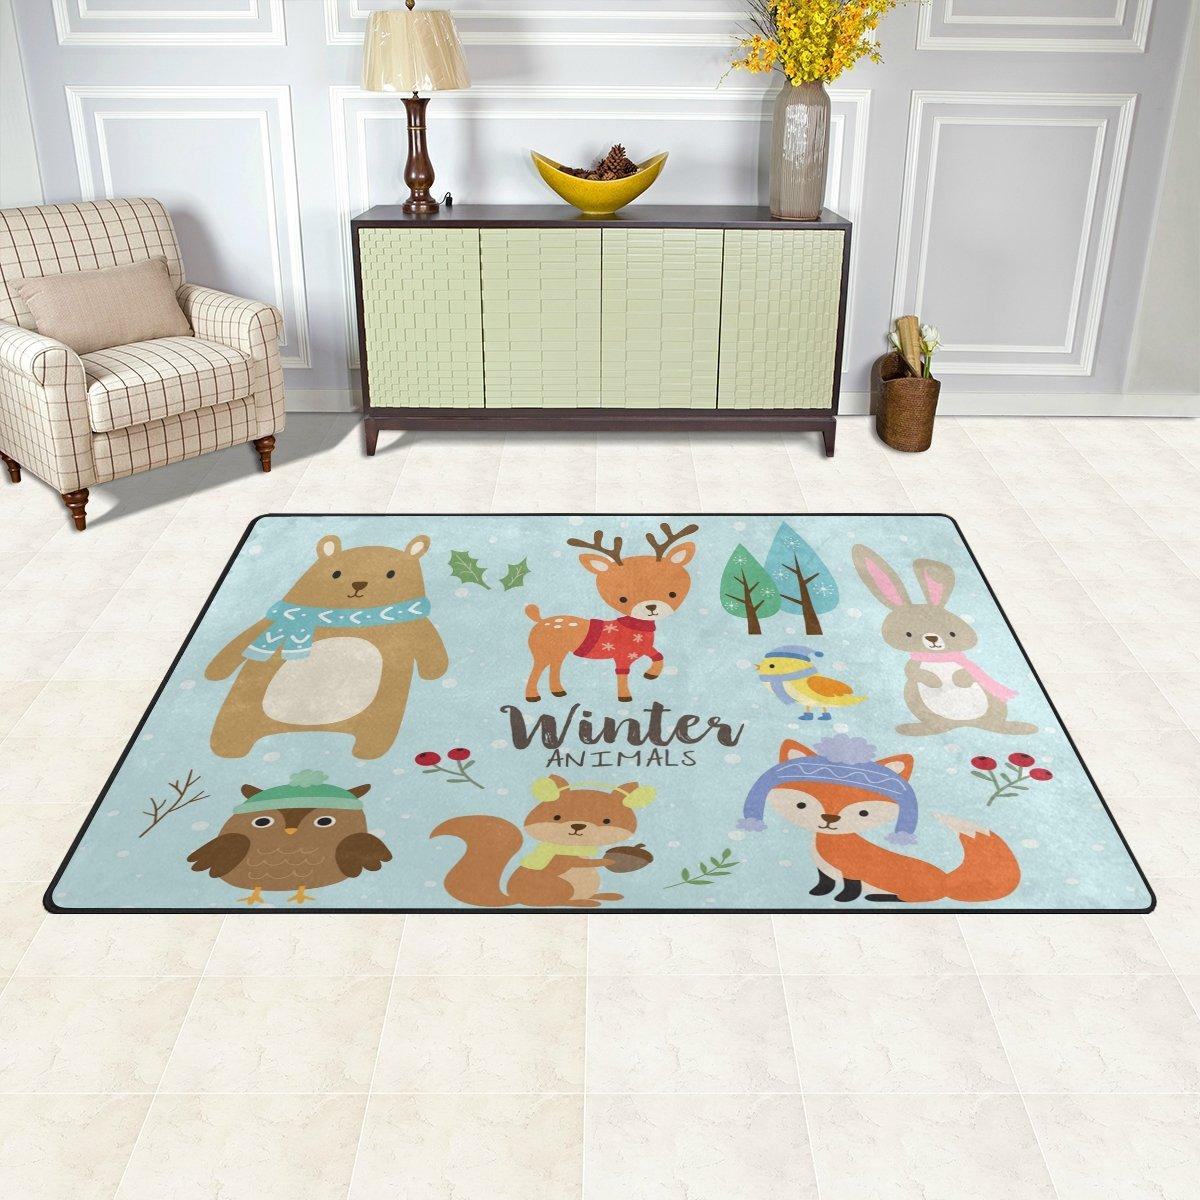 WOZO Deer Head Vintage Area Rug Rugs Non-Slip Floor Mat Doormats Living Room Bedroom 31 x 20 inches